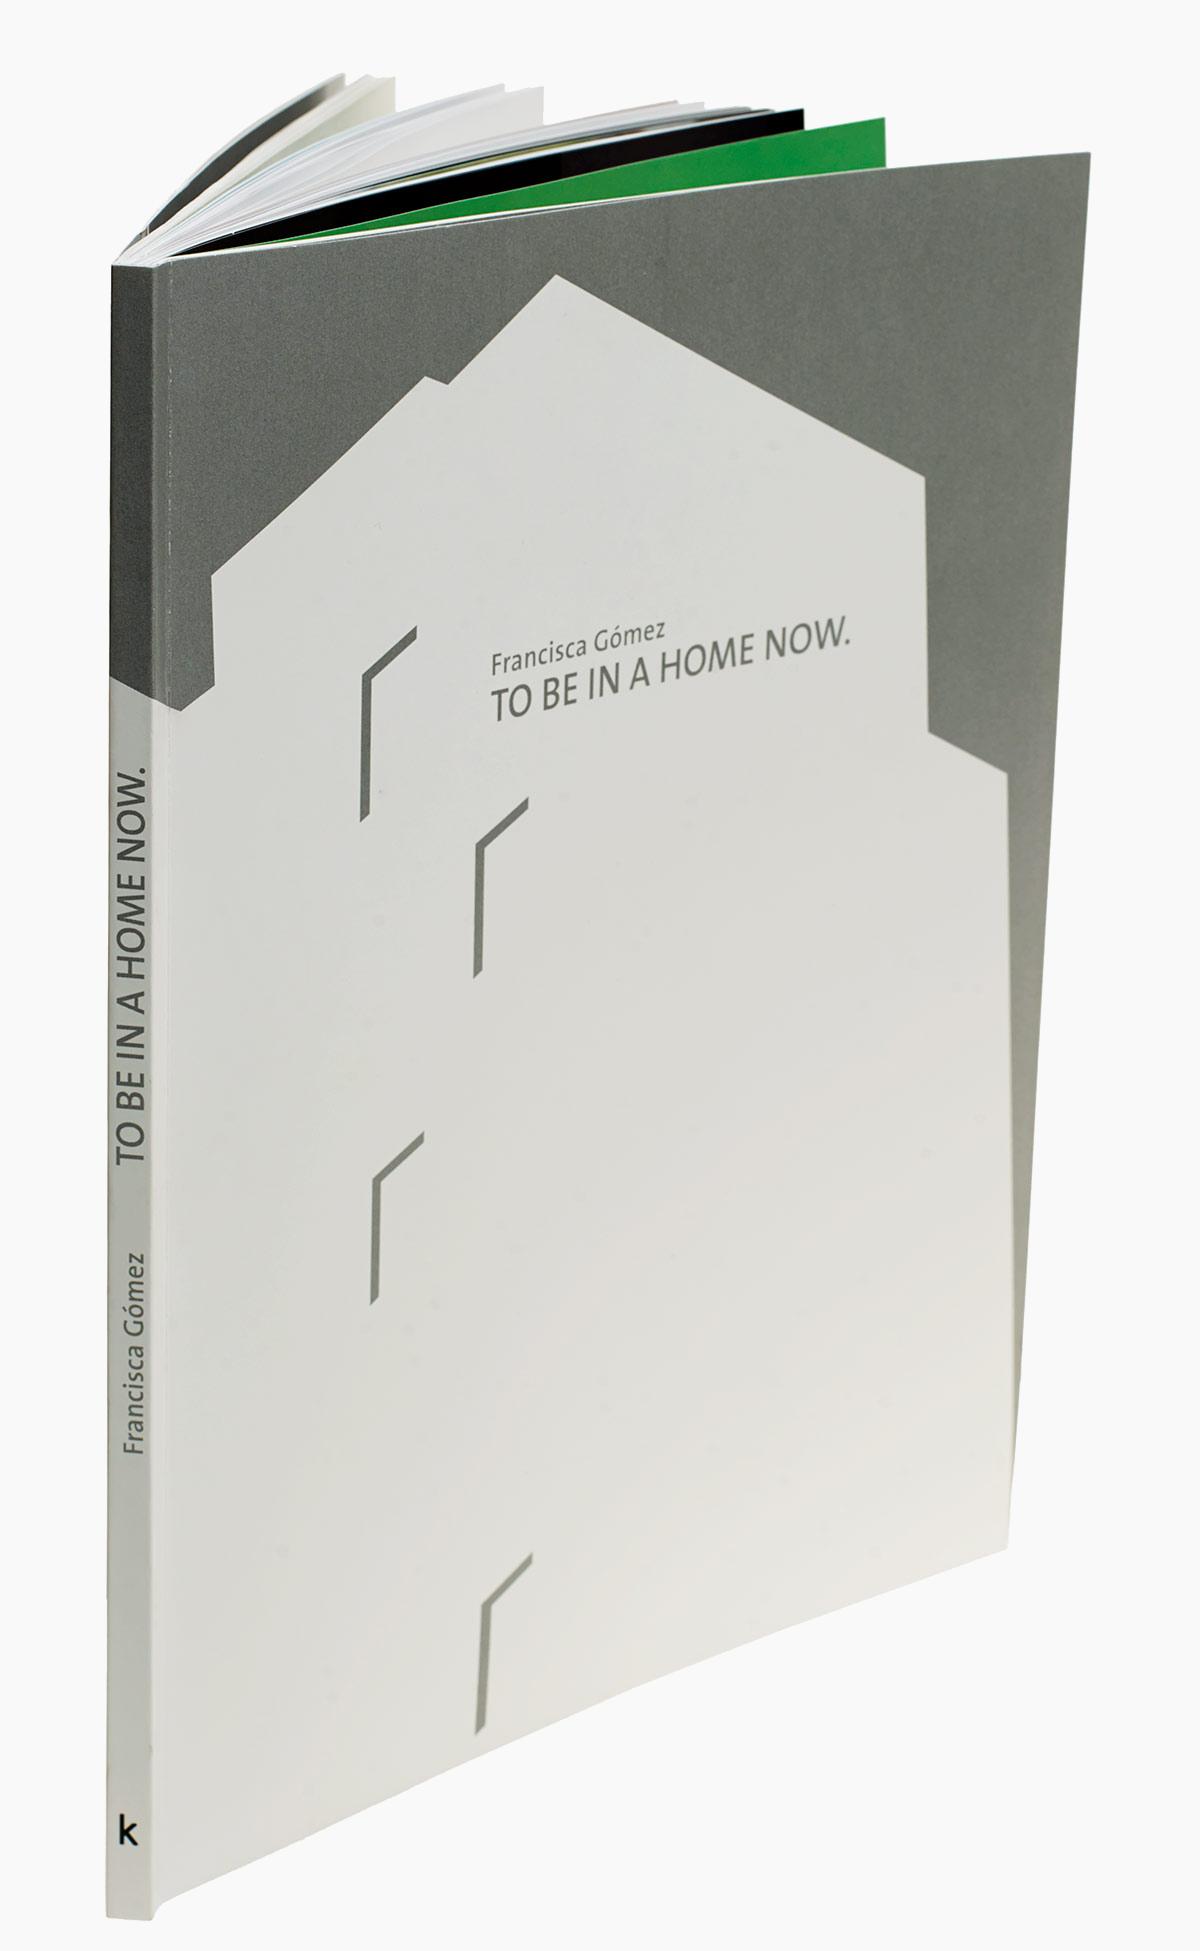 Francisca Gómez Publikation